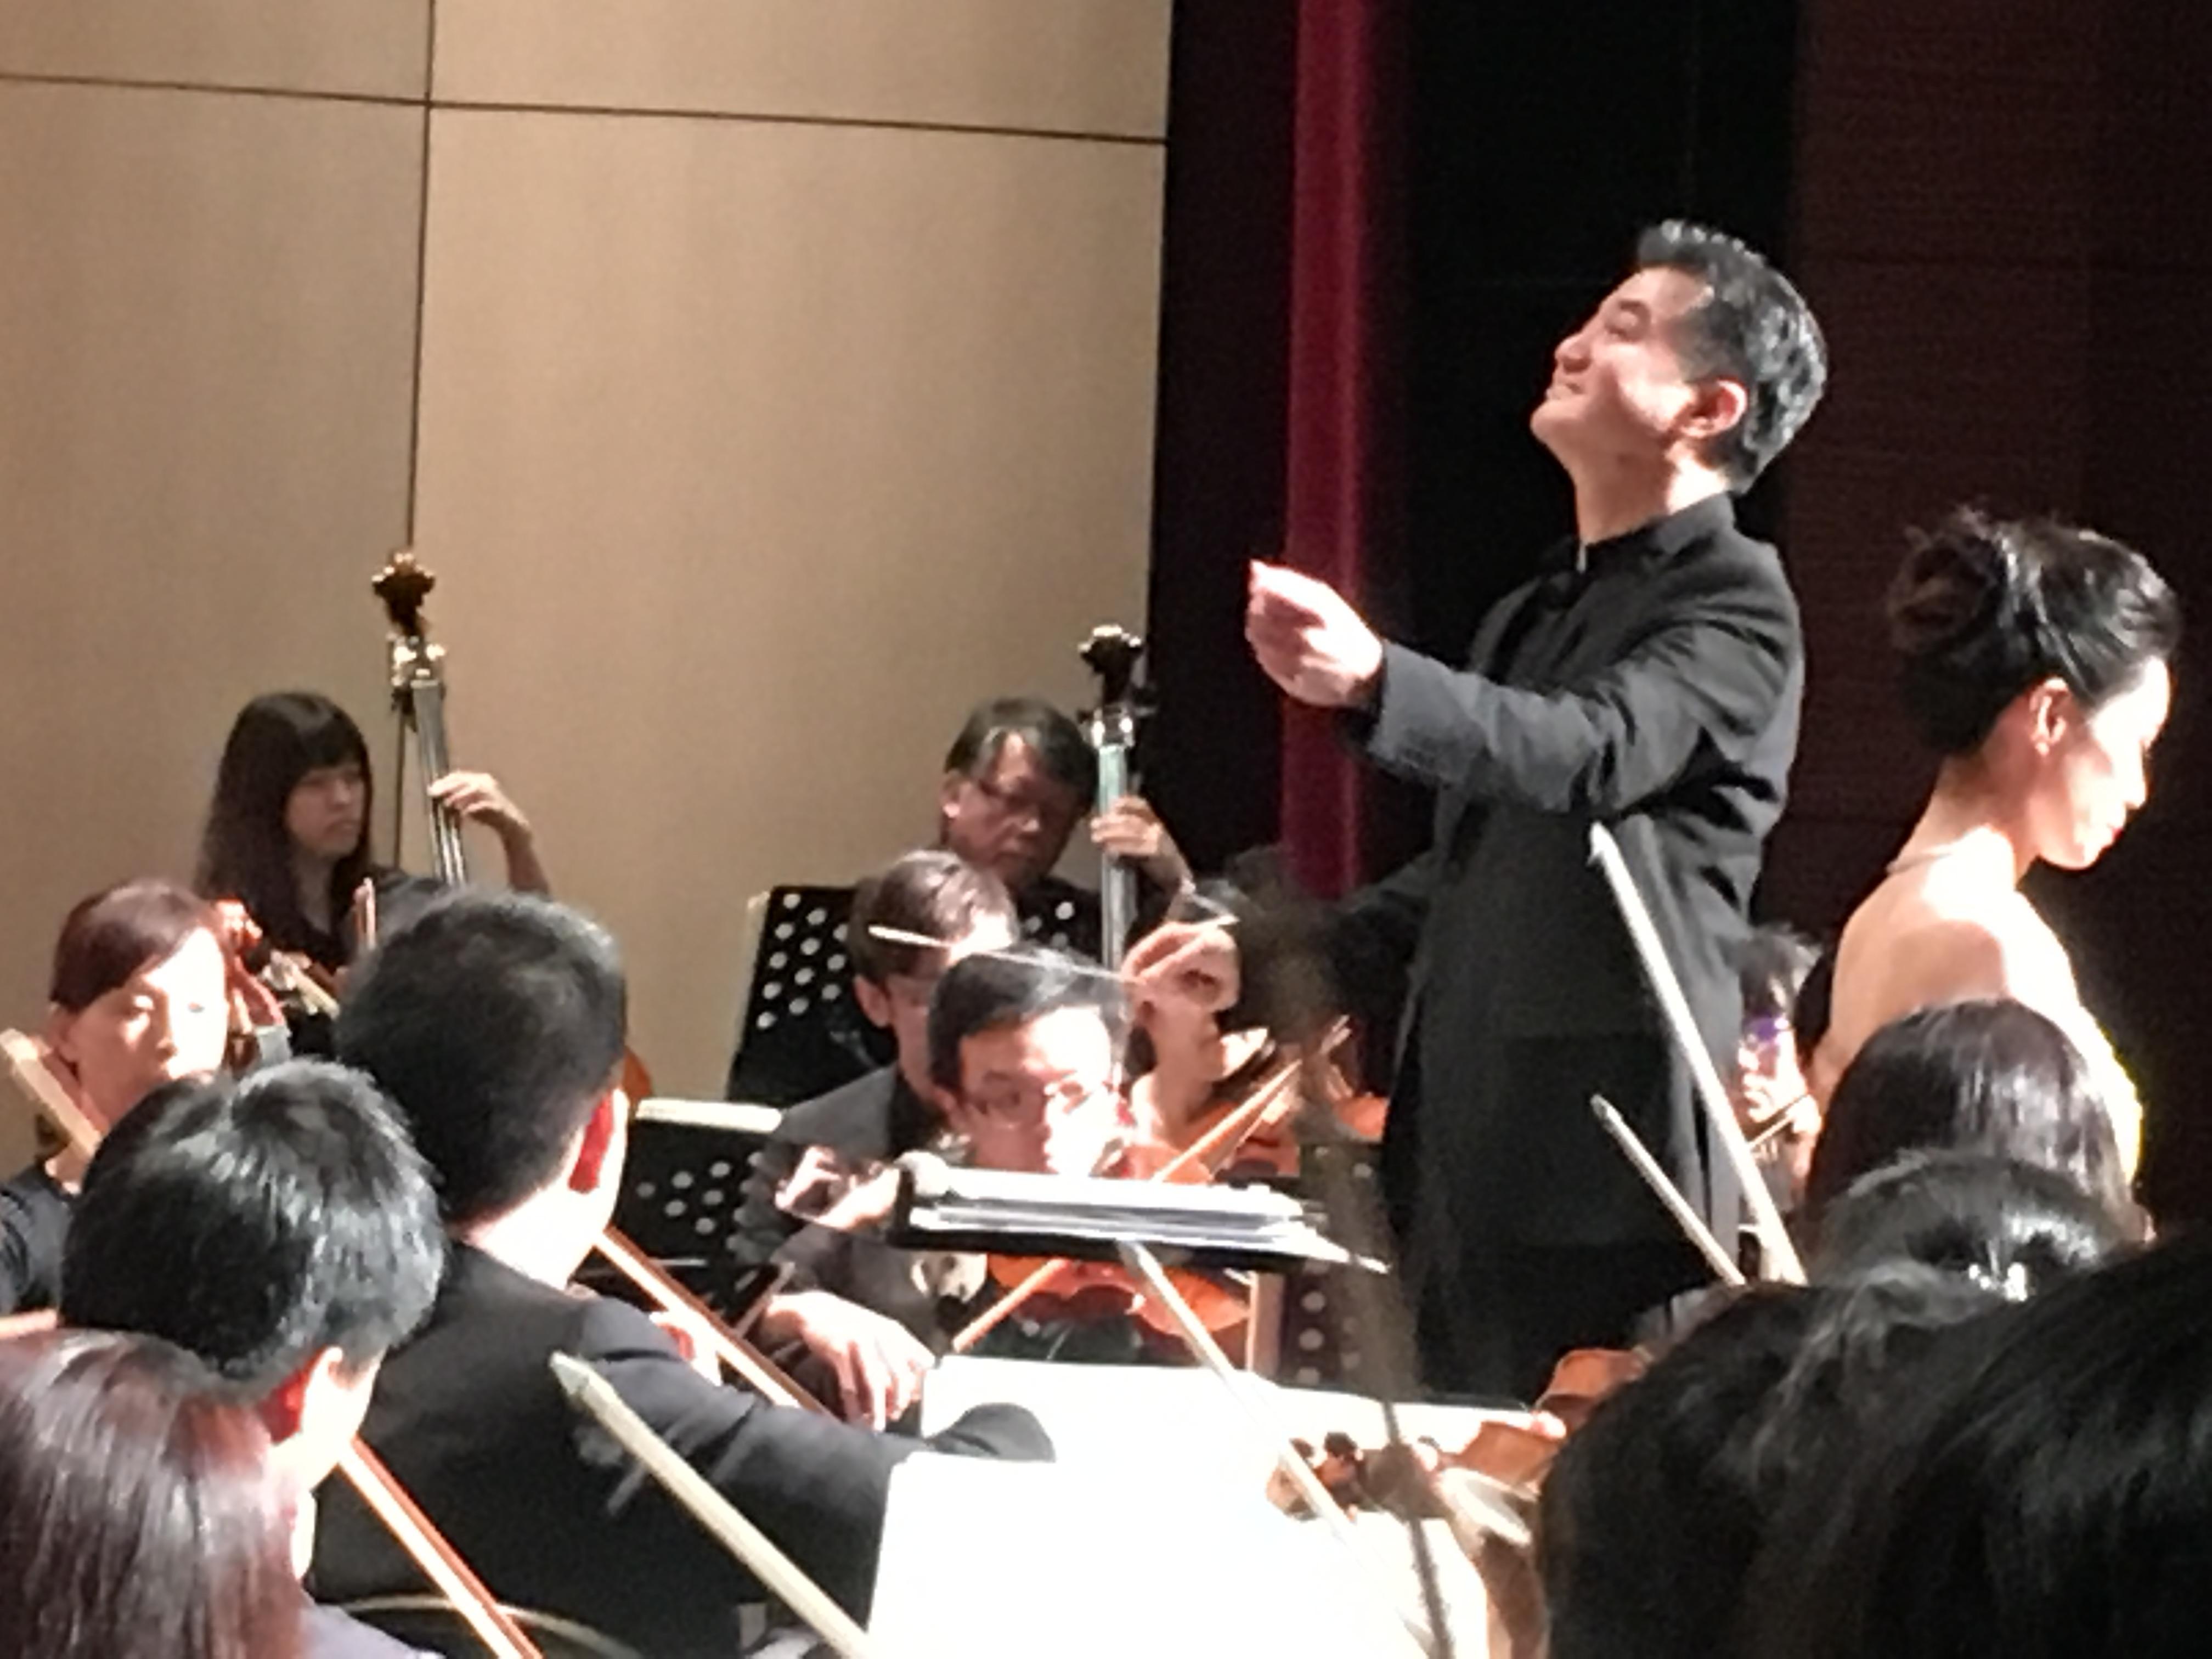 【更正】9月28日新北市交響樂團《秋夜吟新北》改為「免費索票」